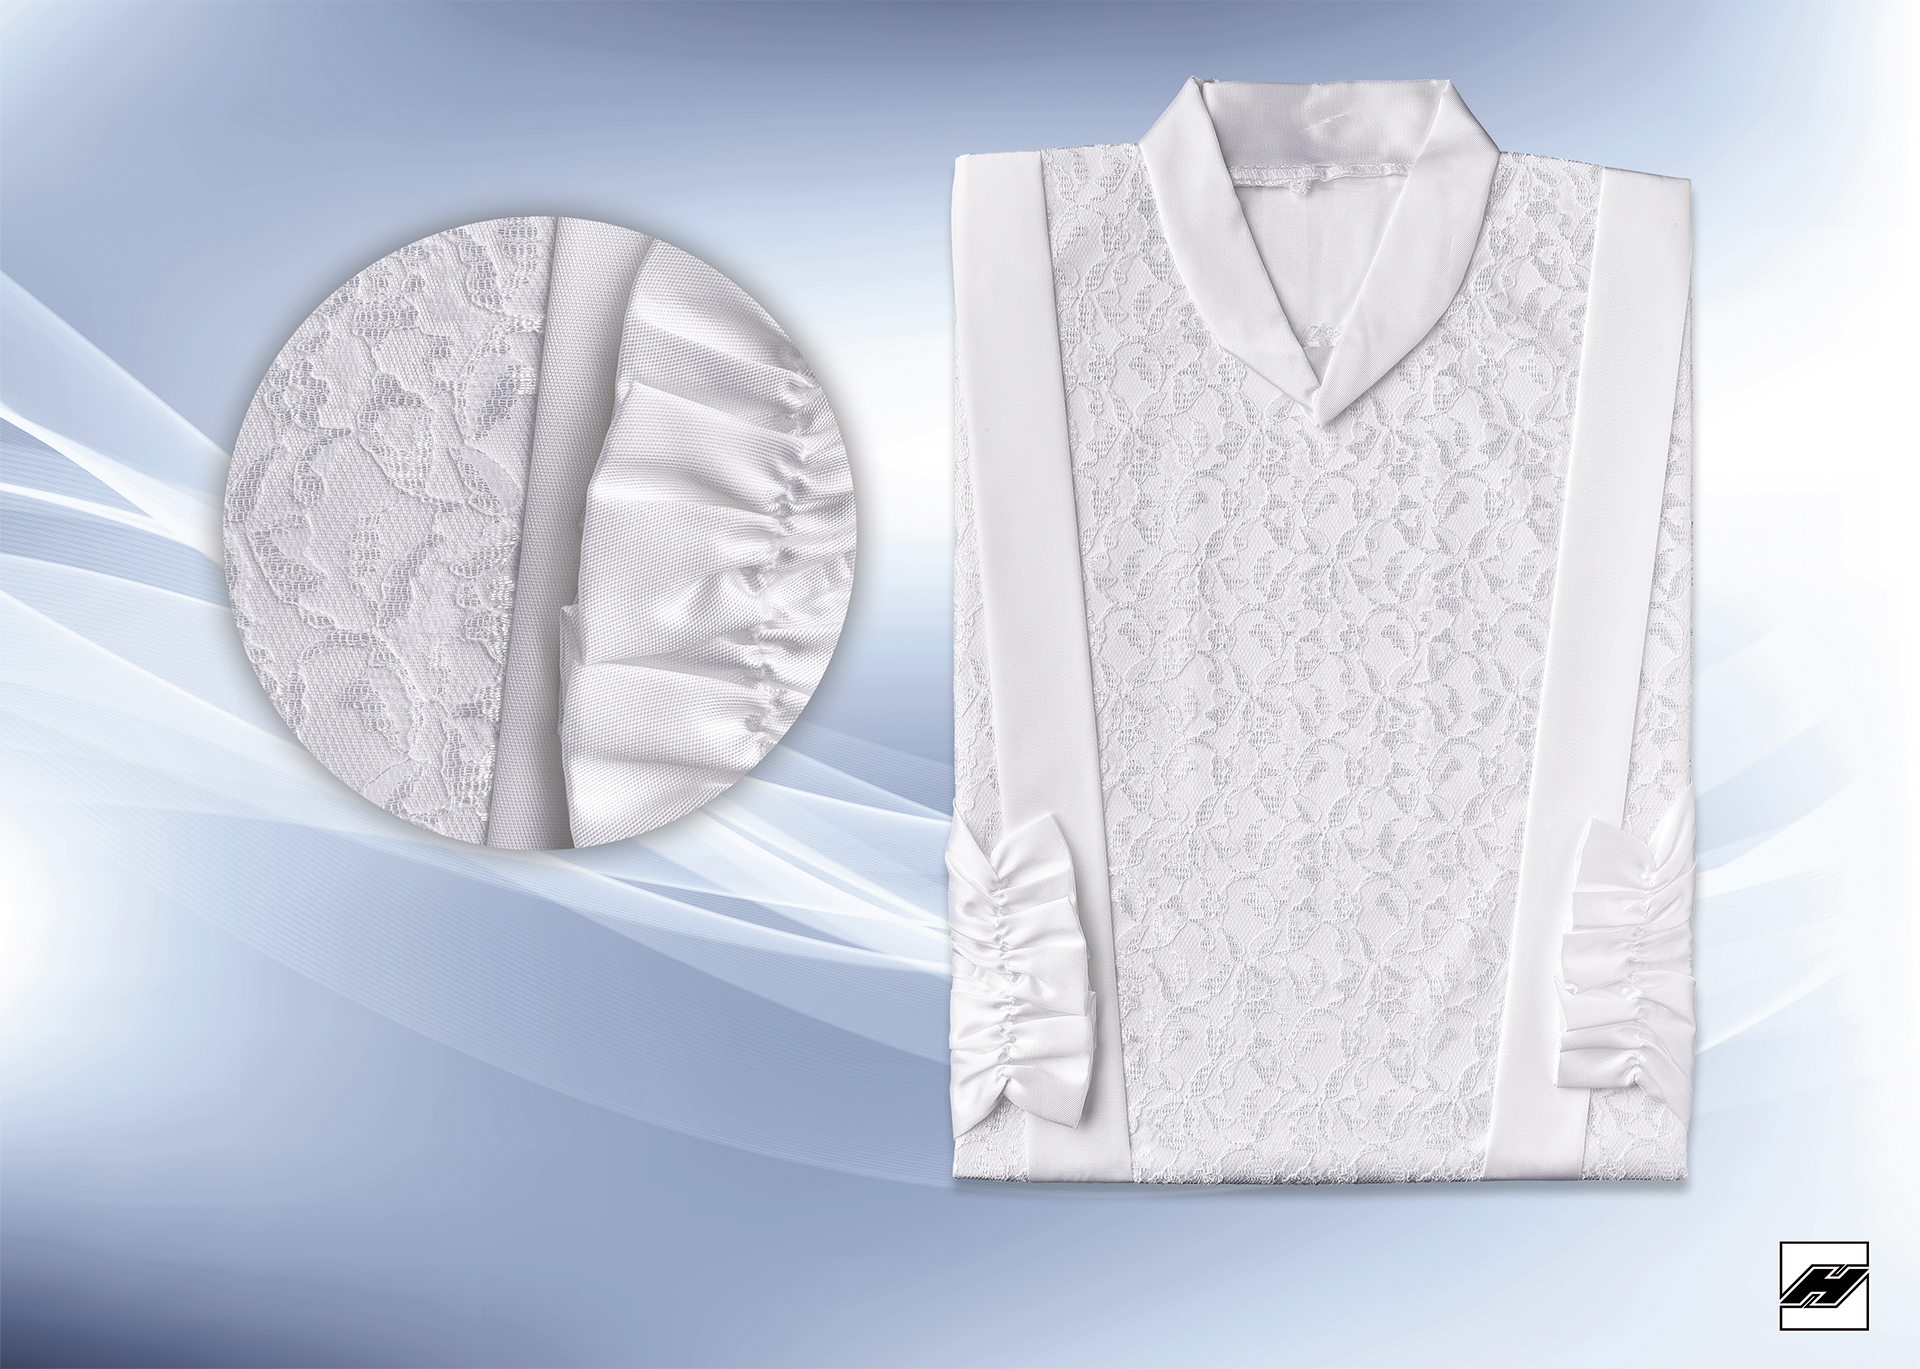 Damenkleid 234 KS weiß